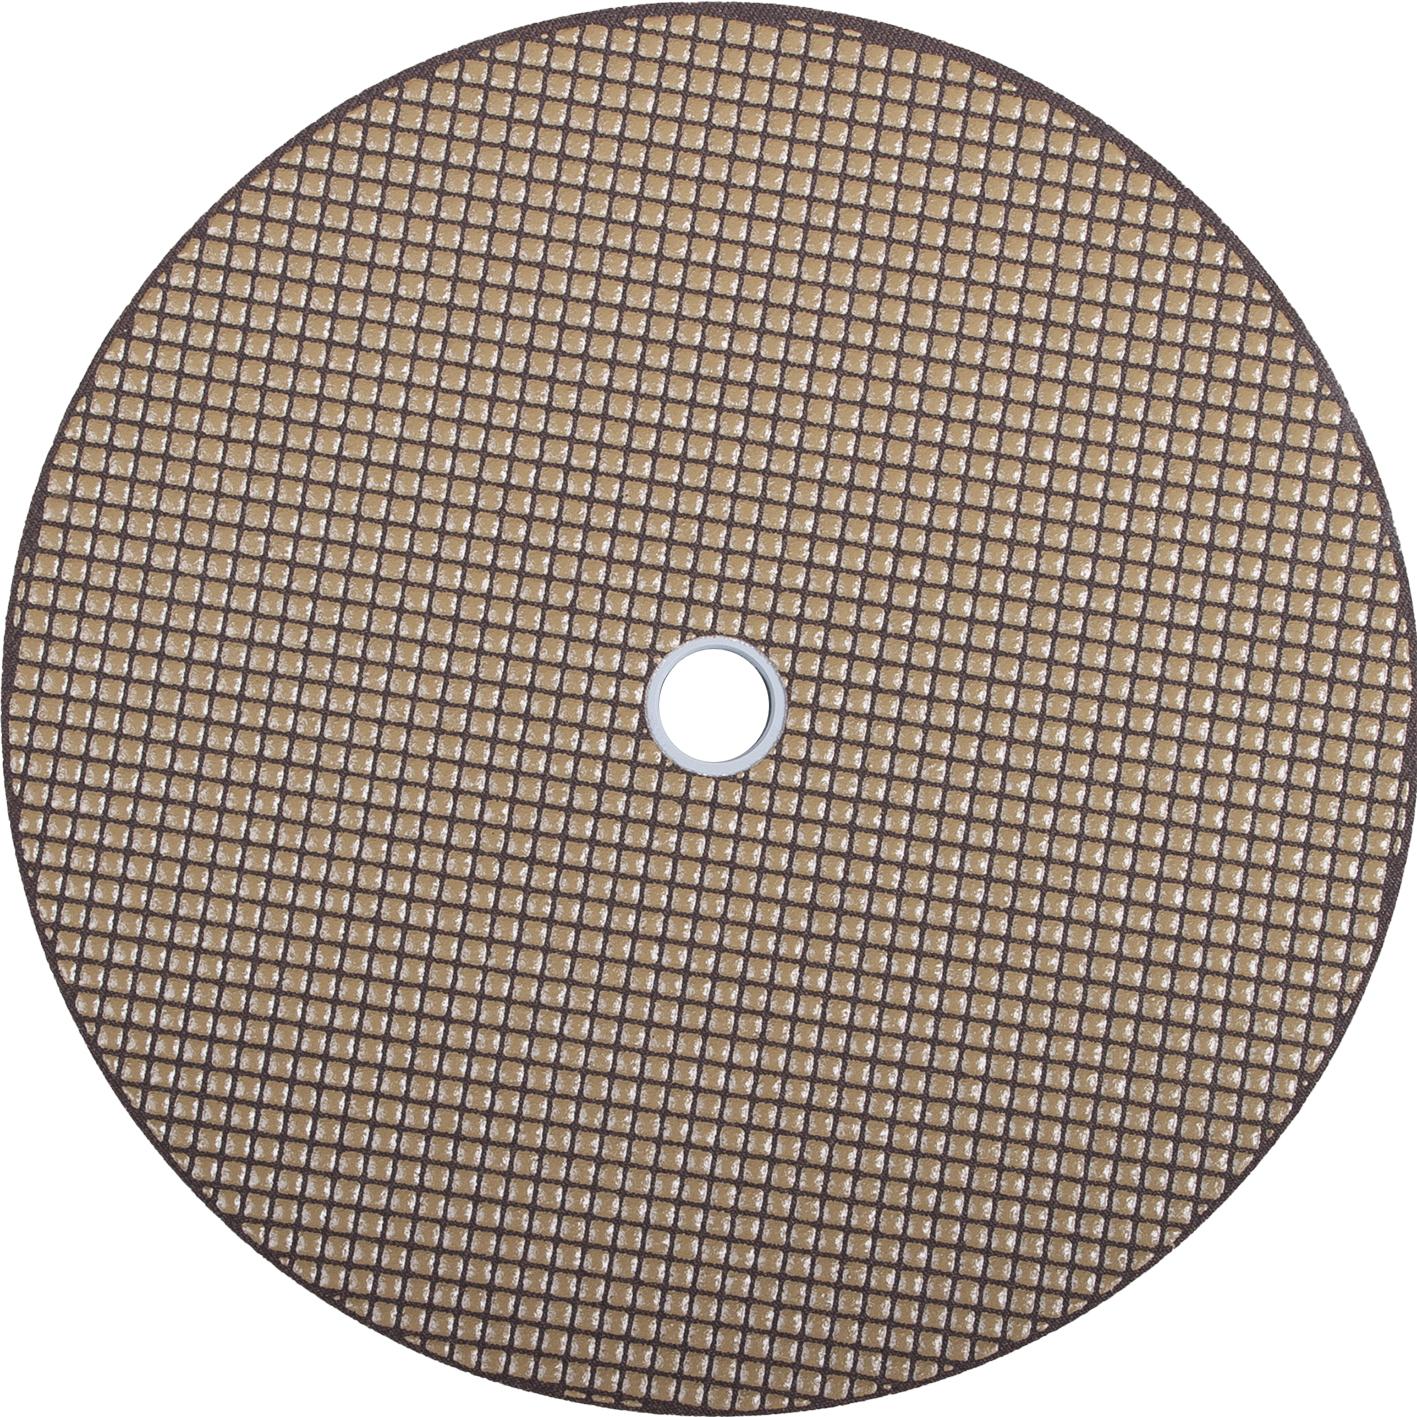 Diamantschleifteller OCTRON ø 250 mm │ Klett │ Korn 60